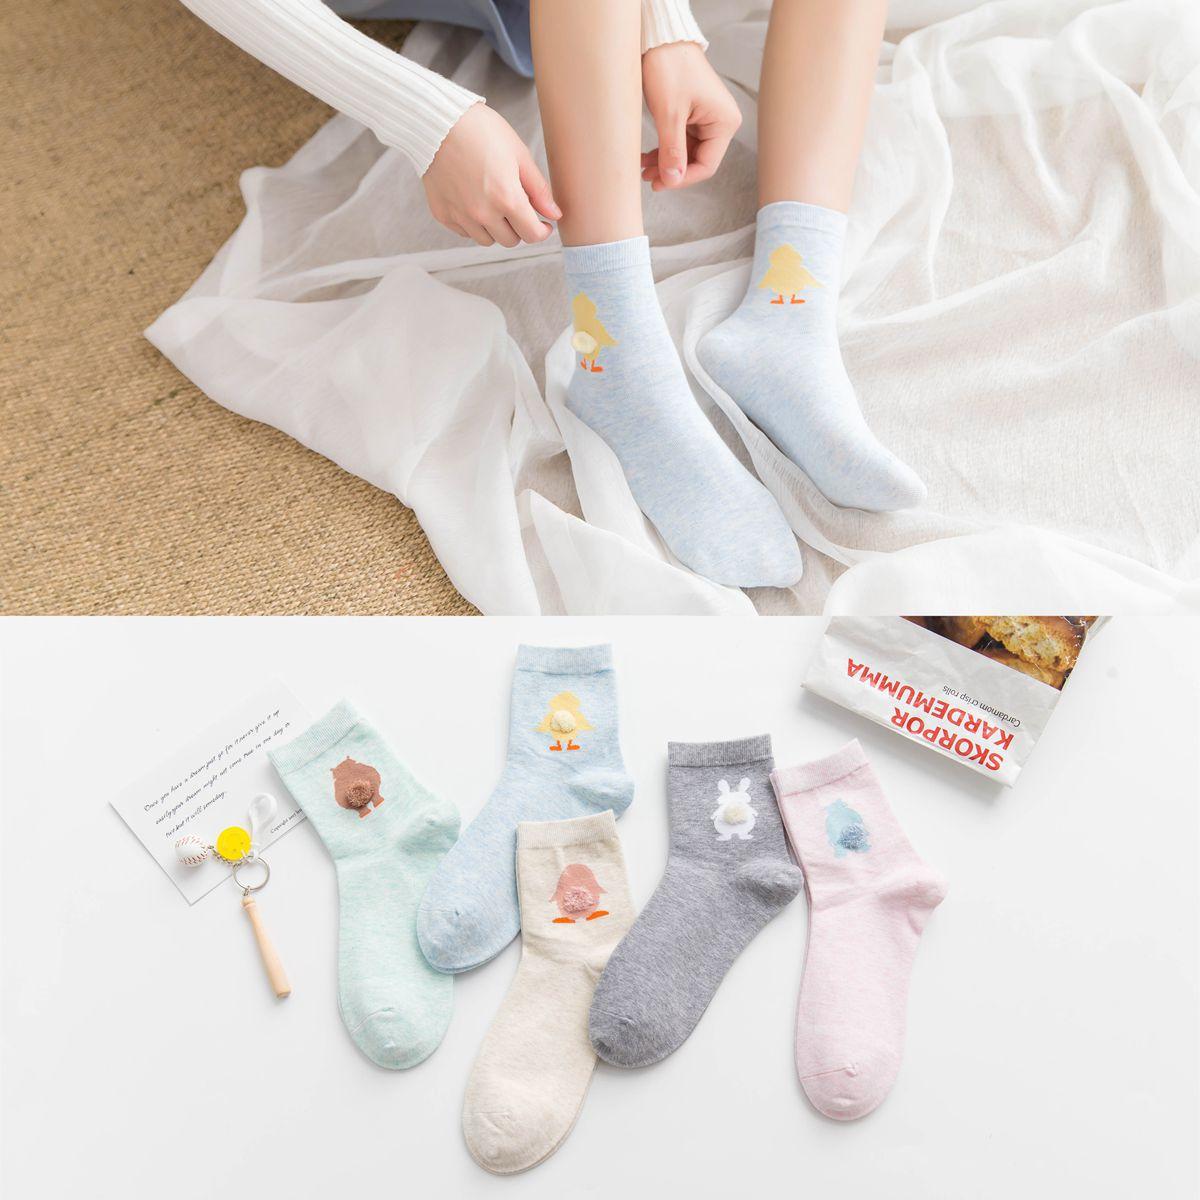 Calcetines de algodón tridimensional encantadora historieta japonesa calcetines sra. calcetines otoño e invierno nuevo algodón fabricantes al por mayor